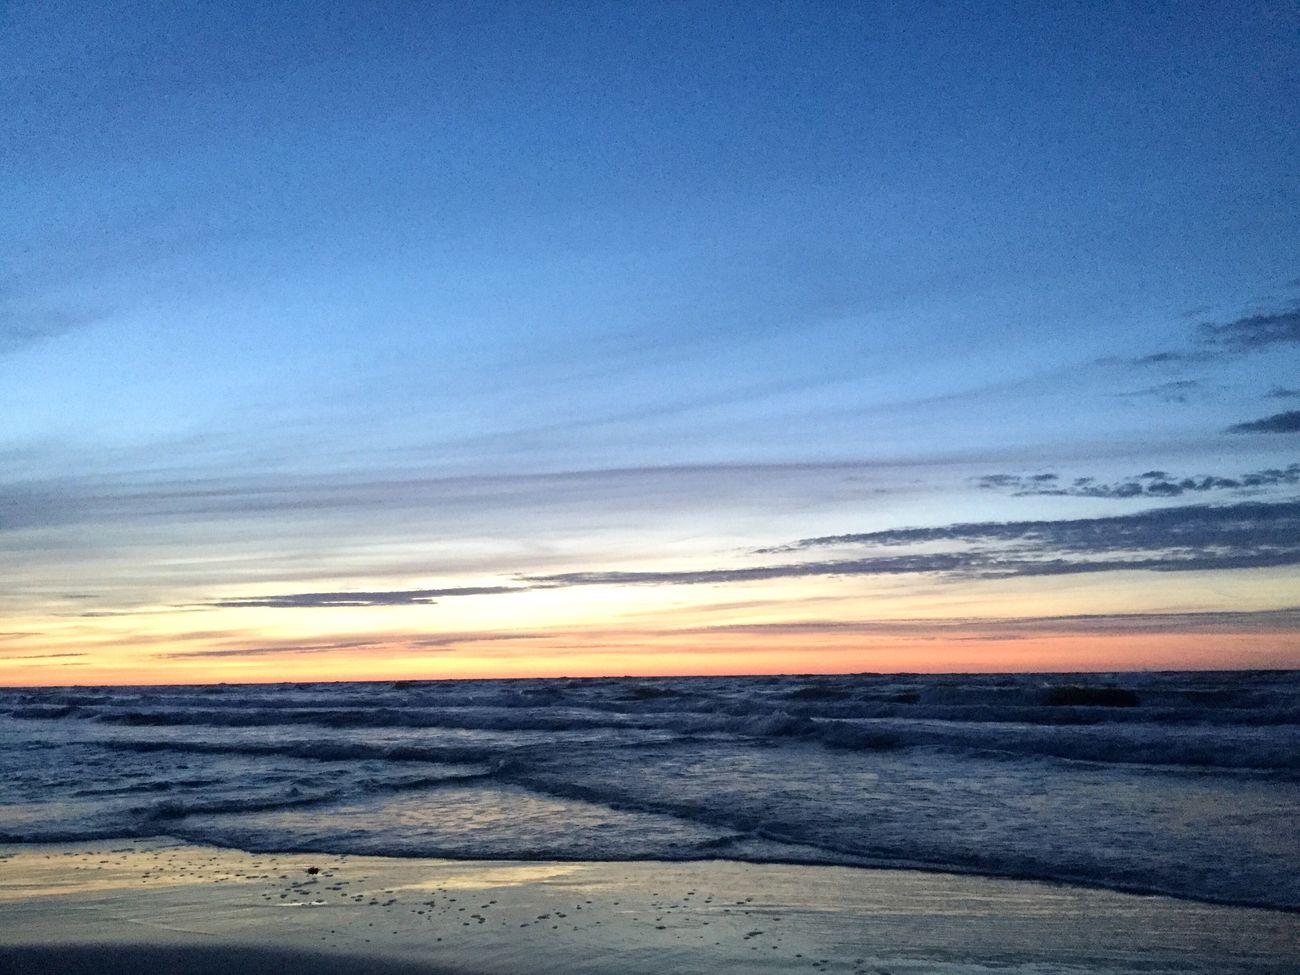 Baltic sea... Water